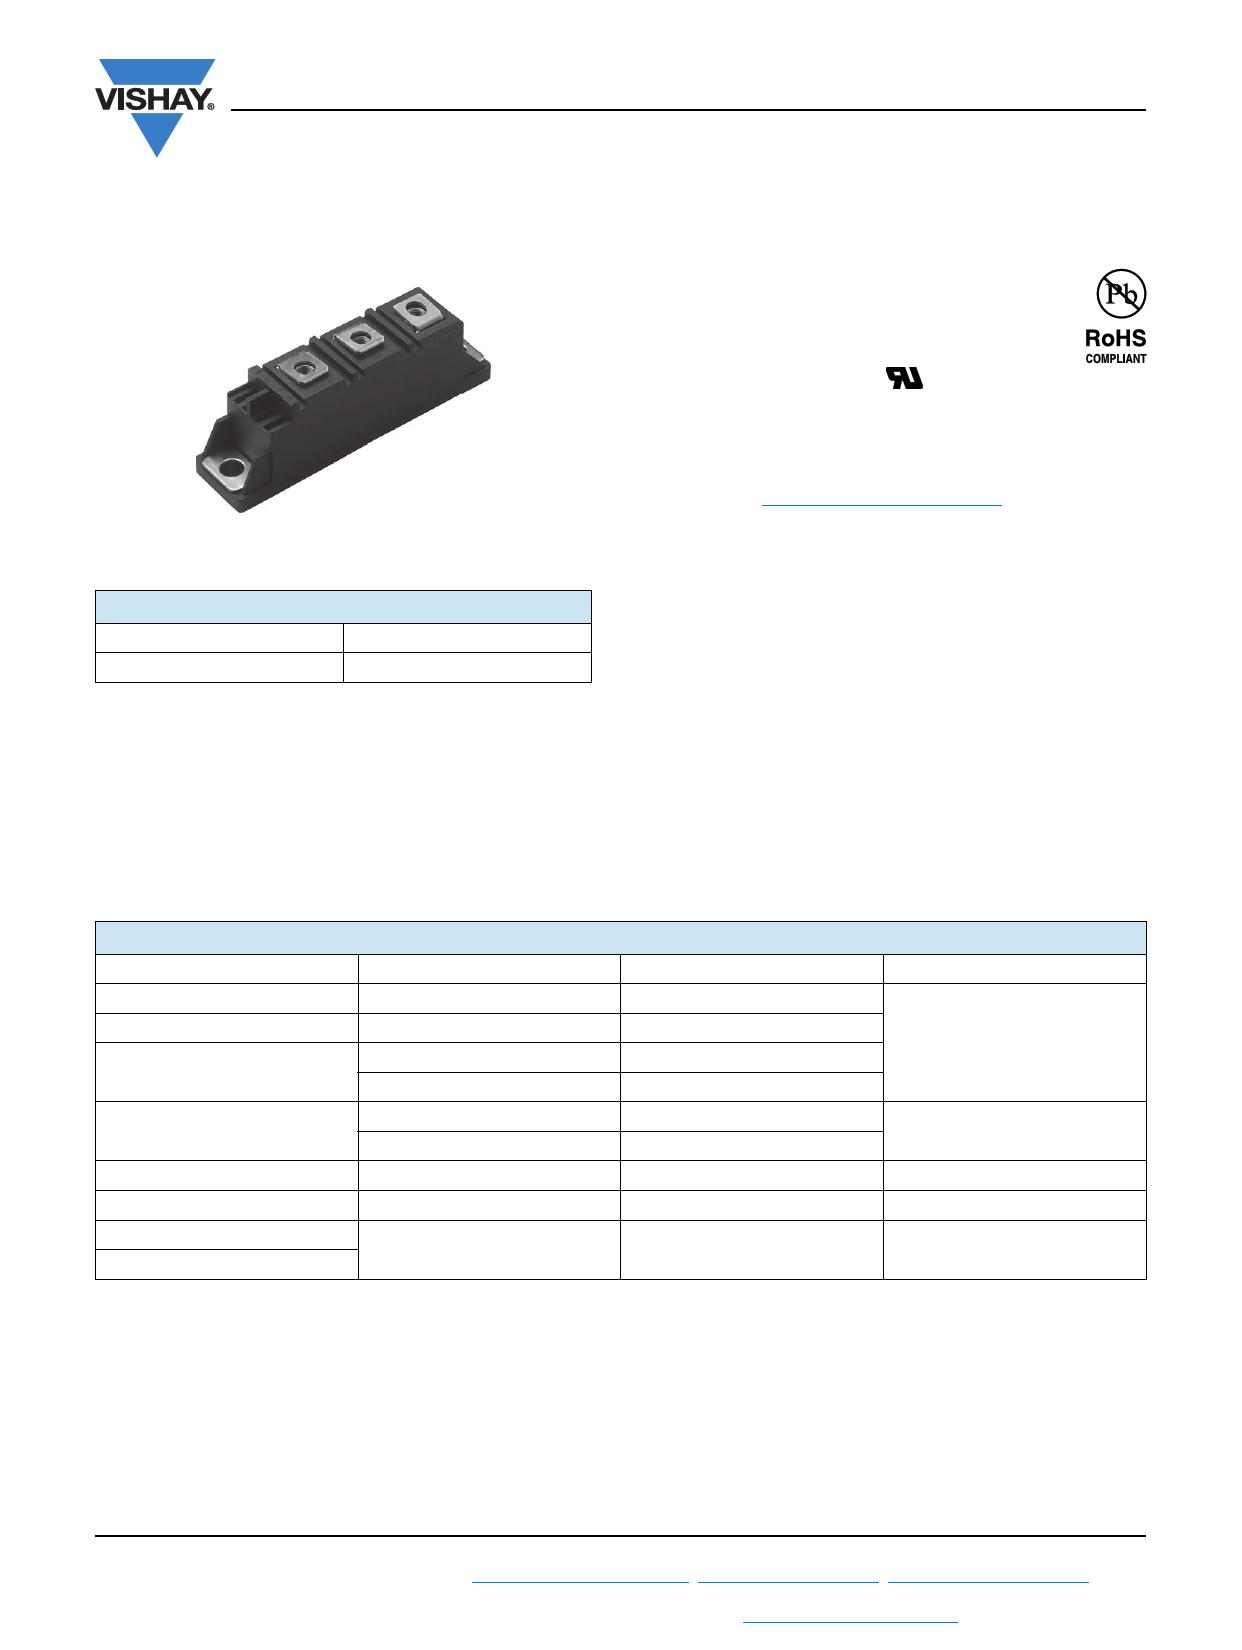 VSKC91-16P Datasheet, VSKC91-16P PDF,ピン配置, 機能